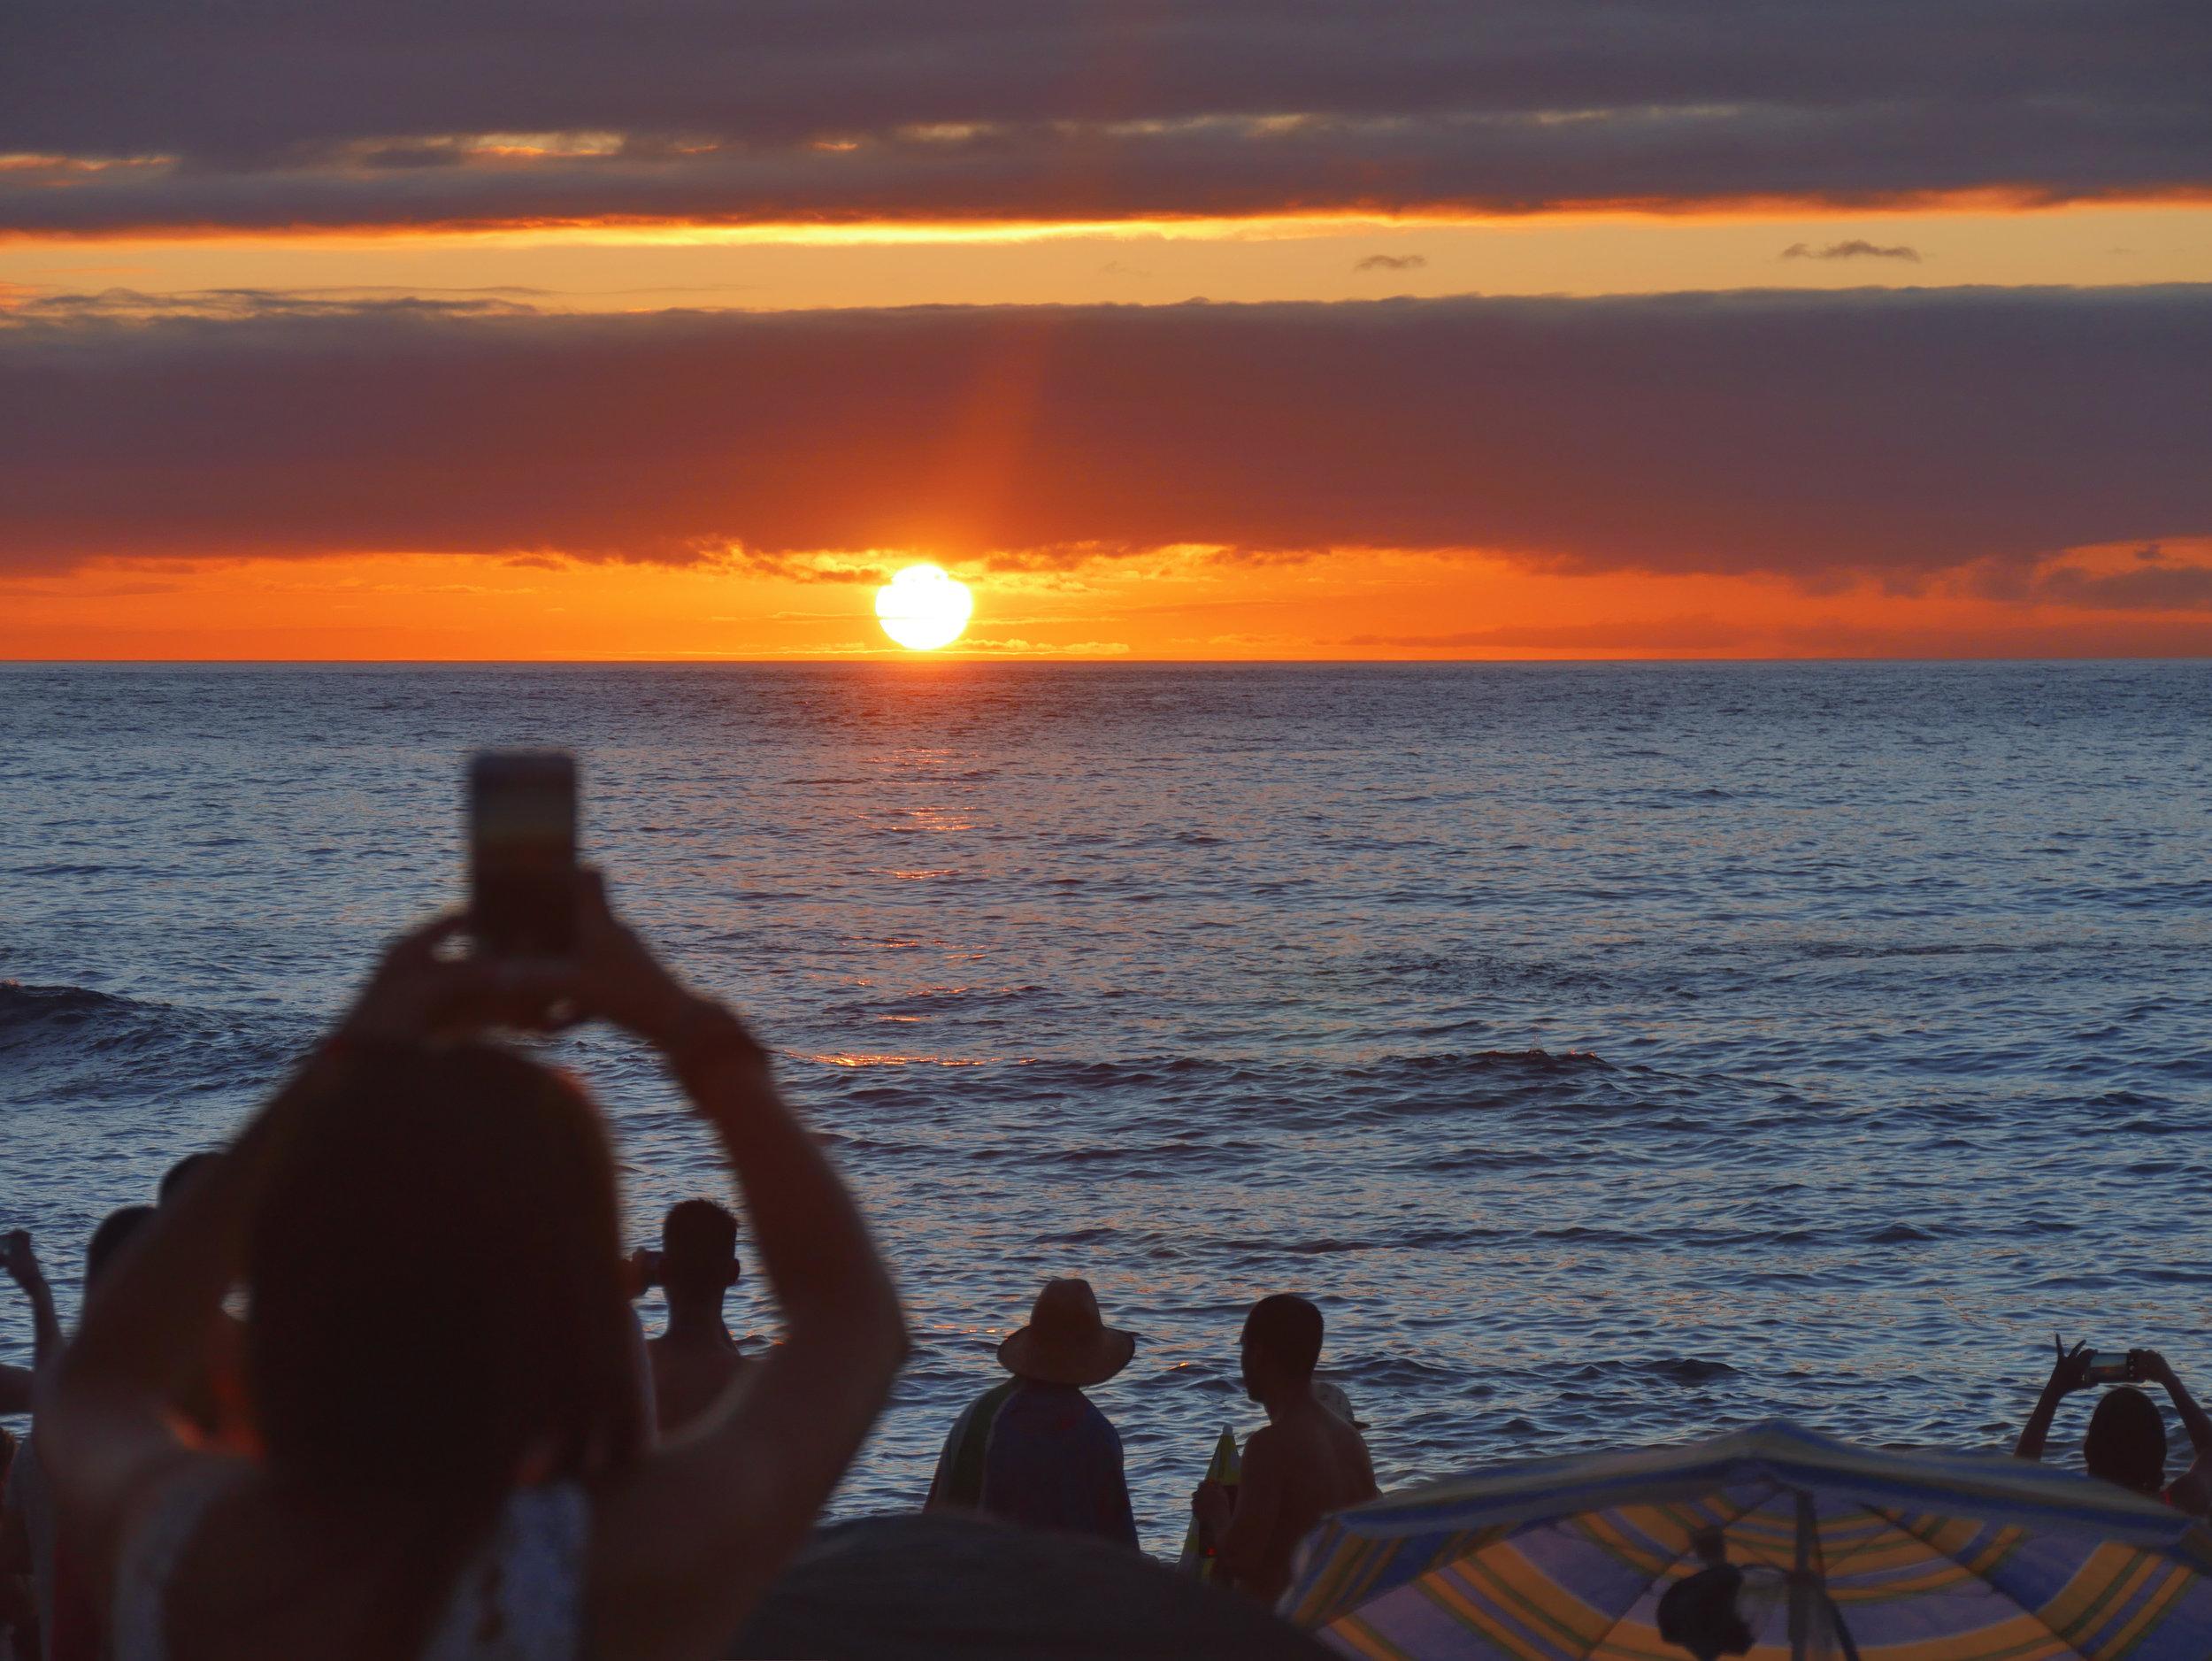 katia_catching_sunset.jpg